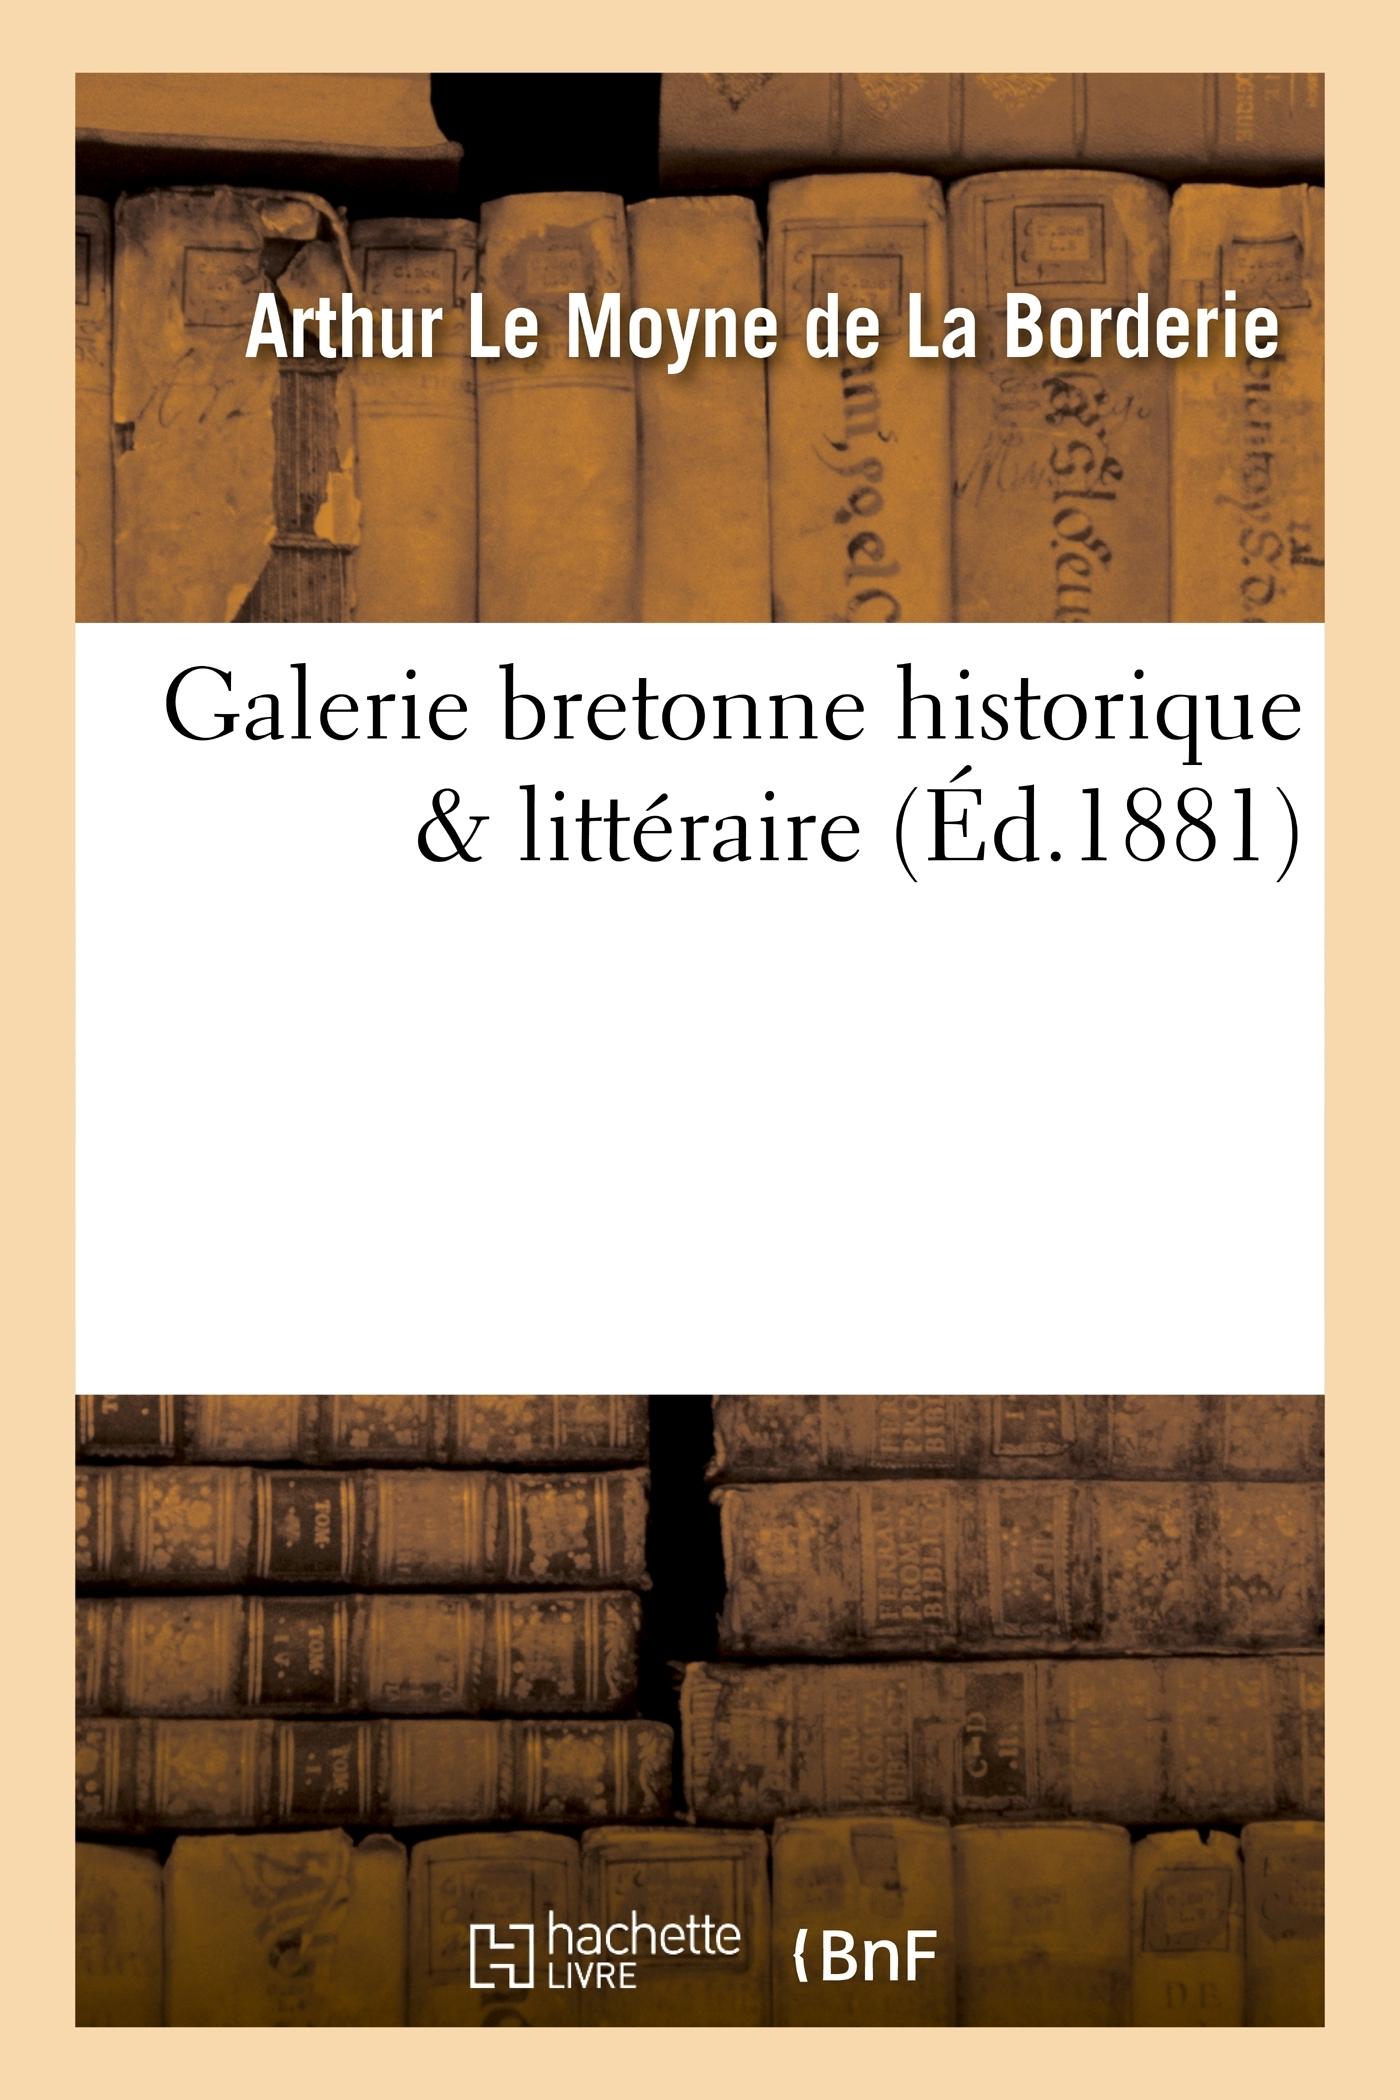 GALERIE BRETONNE HISTORIQUE & LITTERAIRE